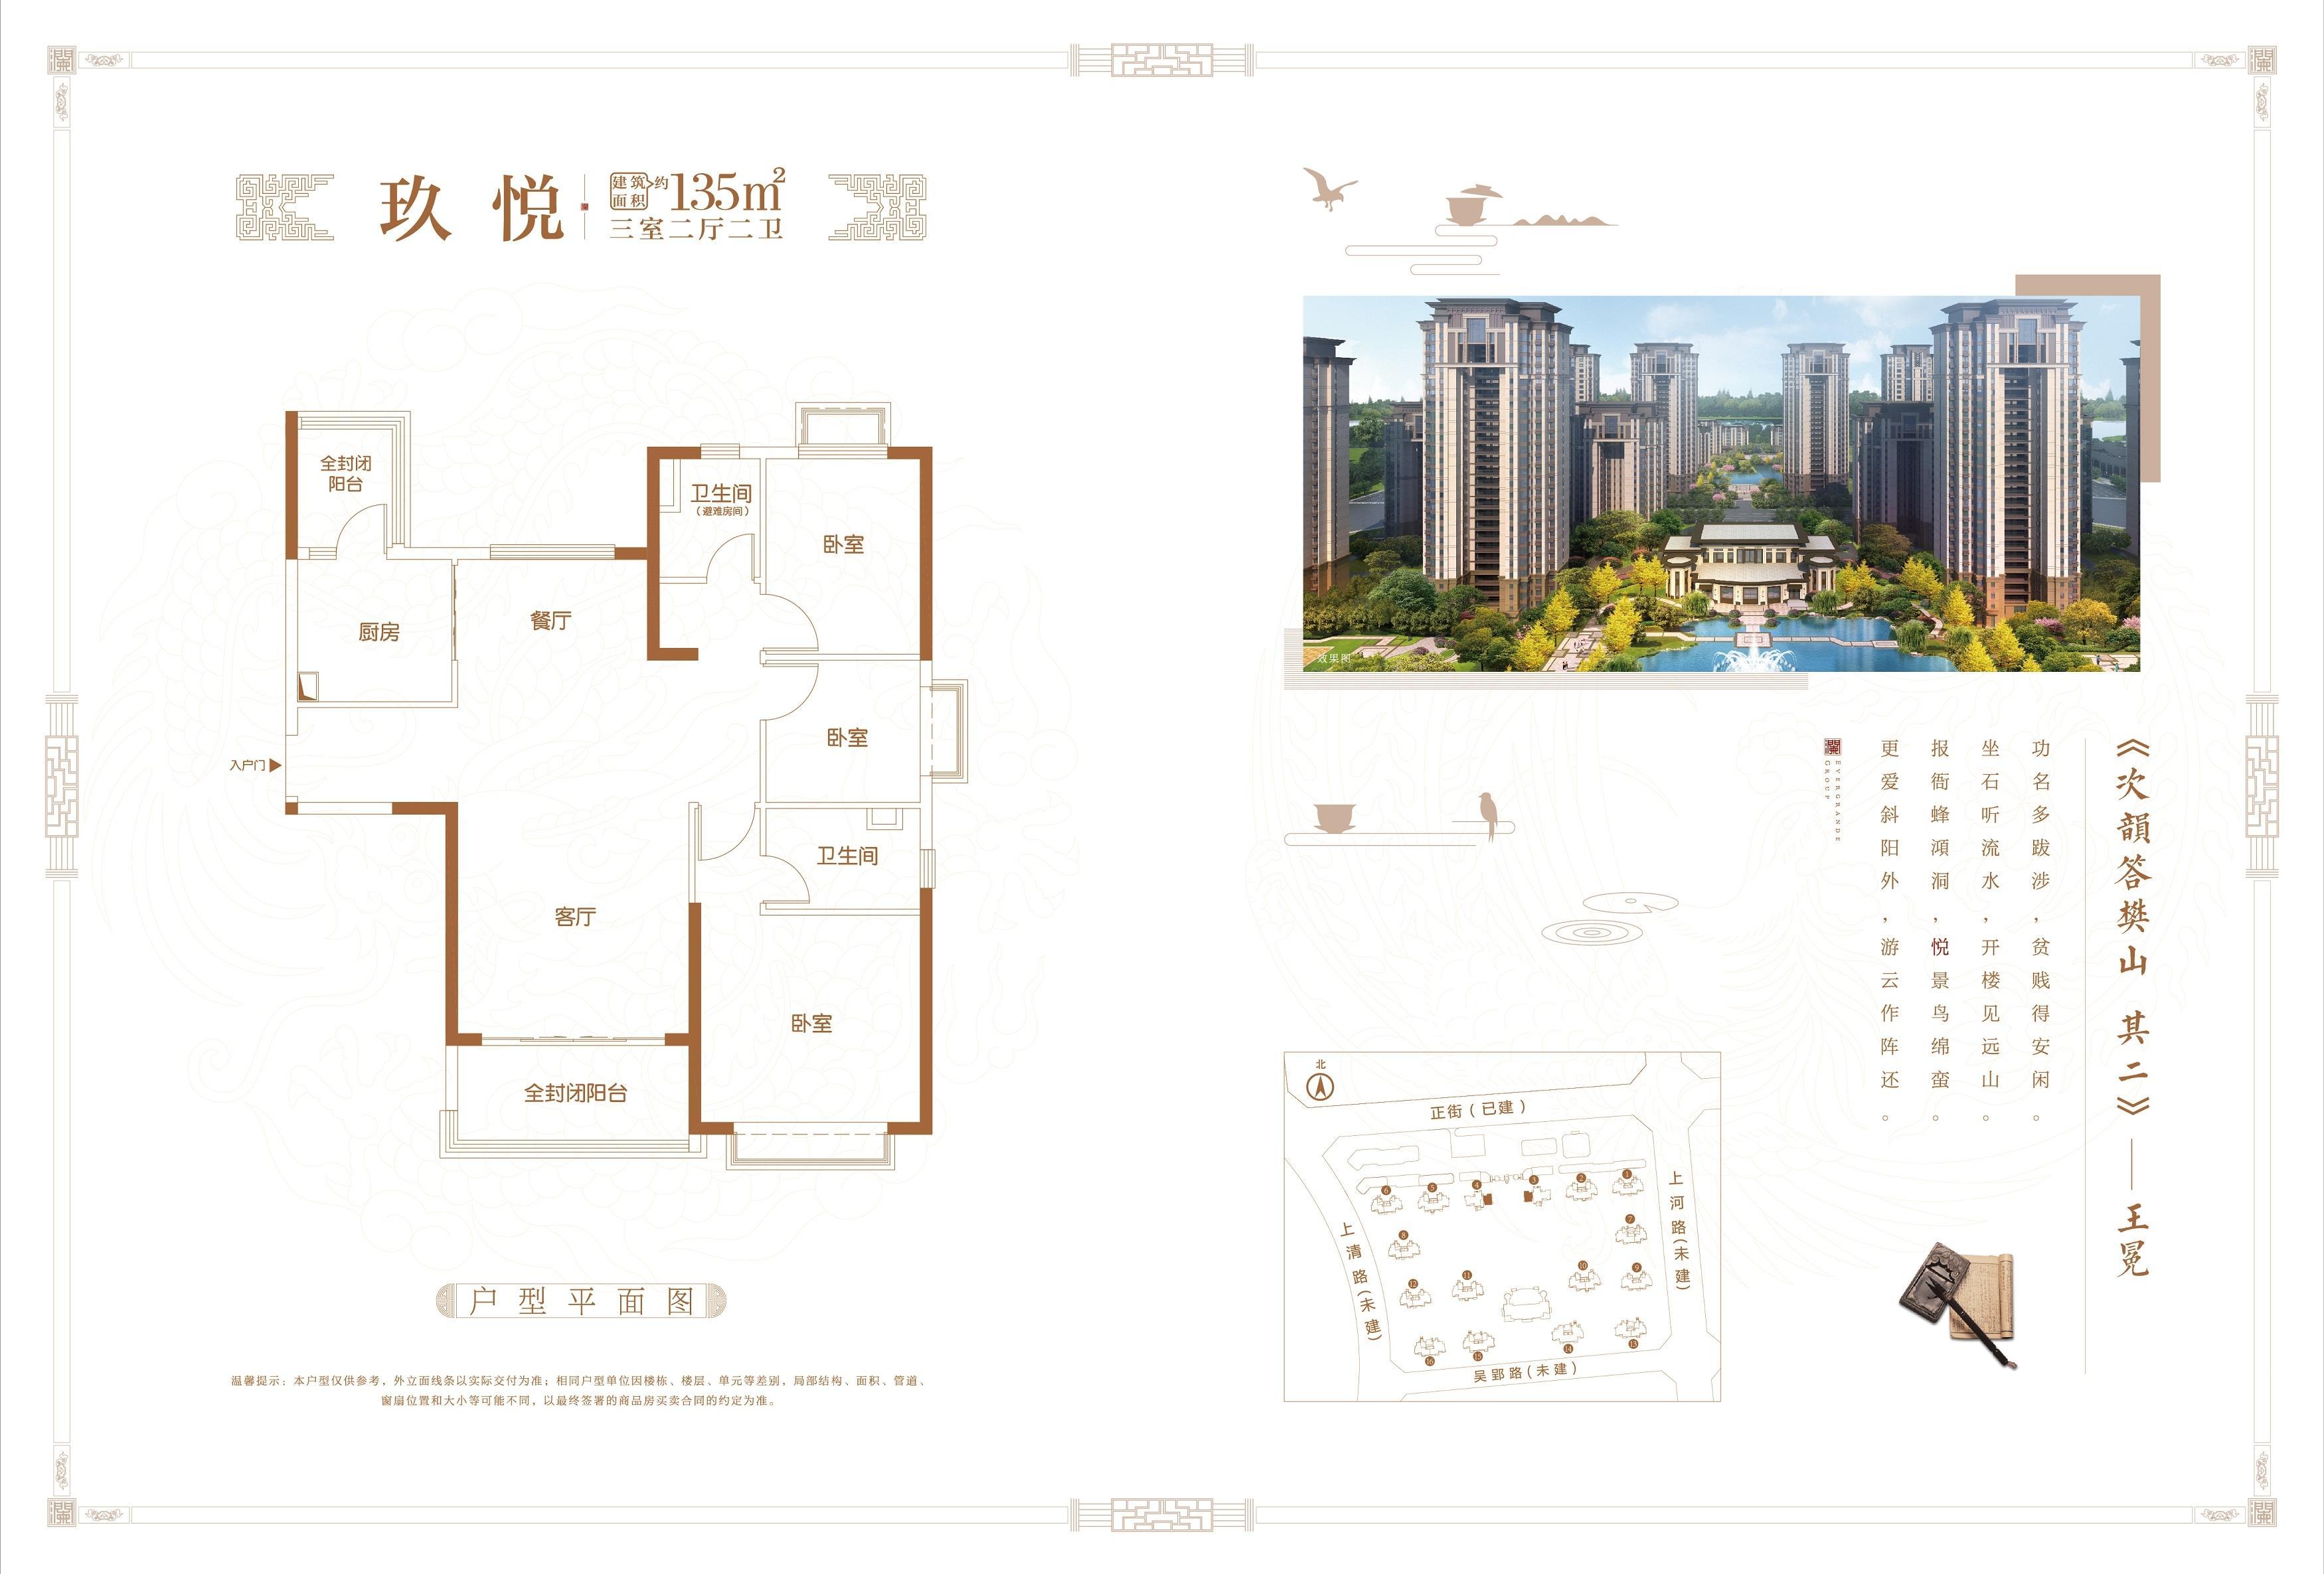 蚌埠恒大·悦澜湾 三室两厅两卫 建面约135㎡ 户型图